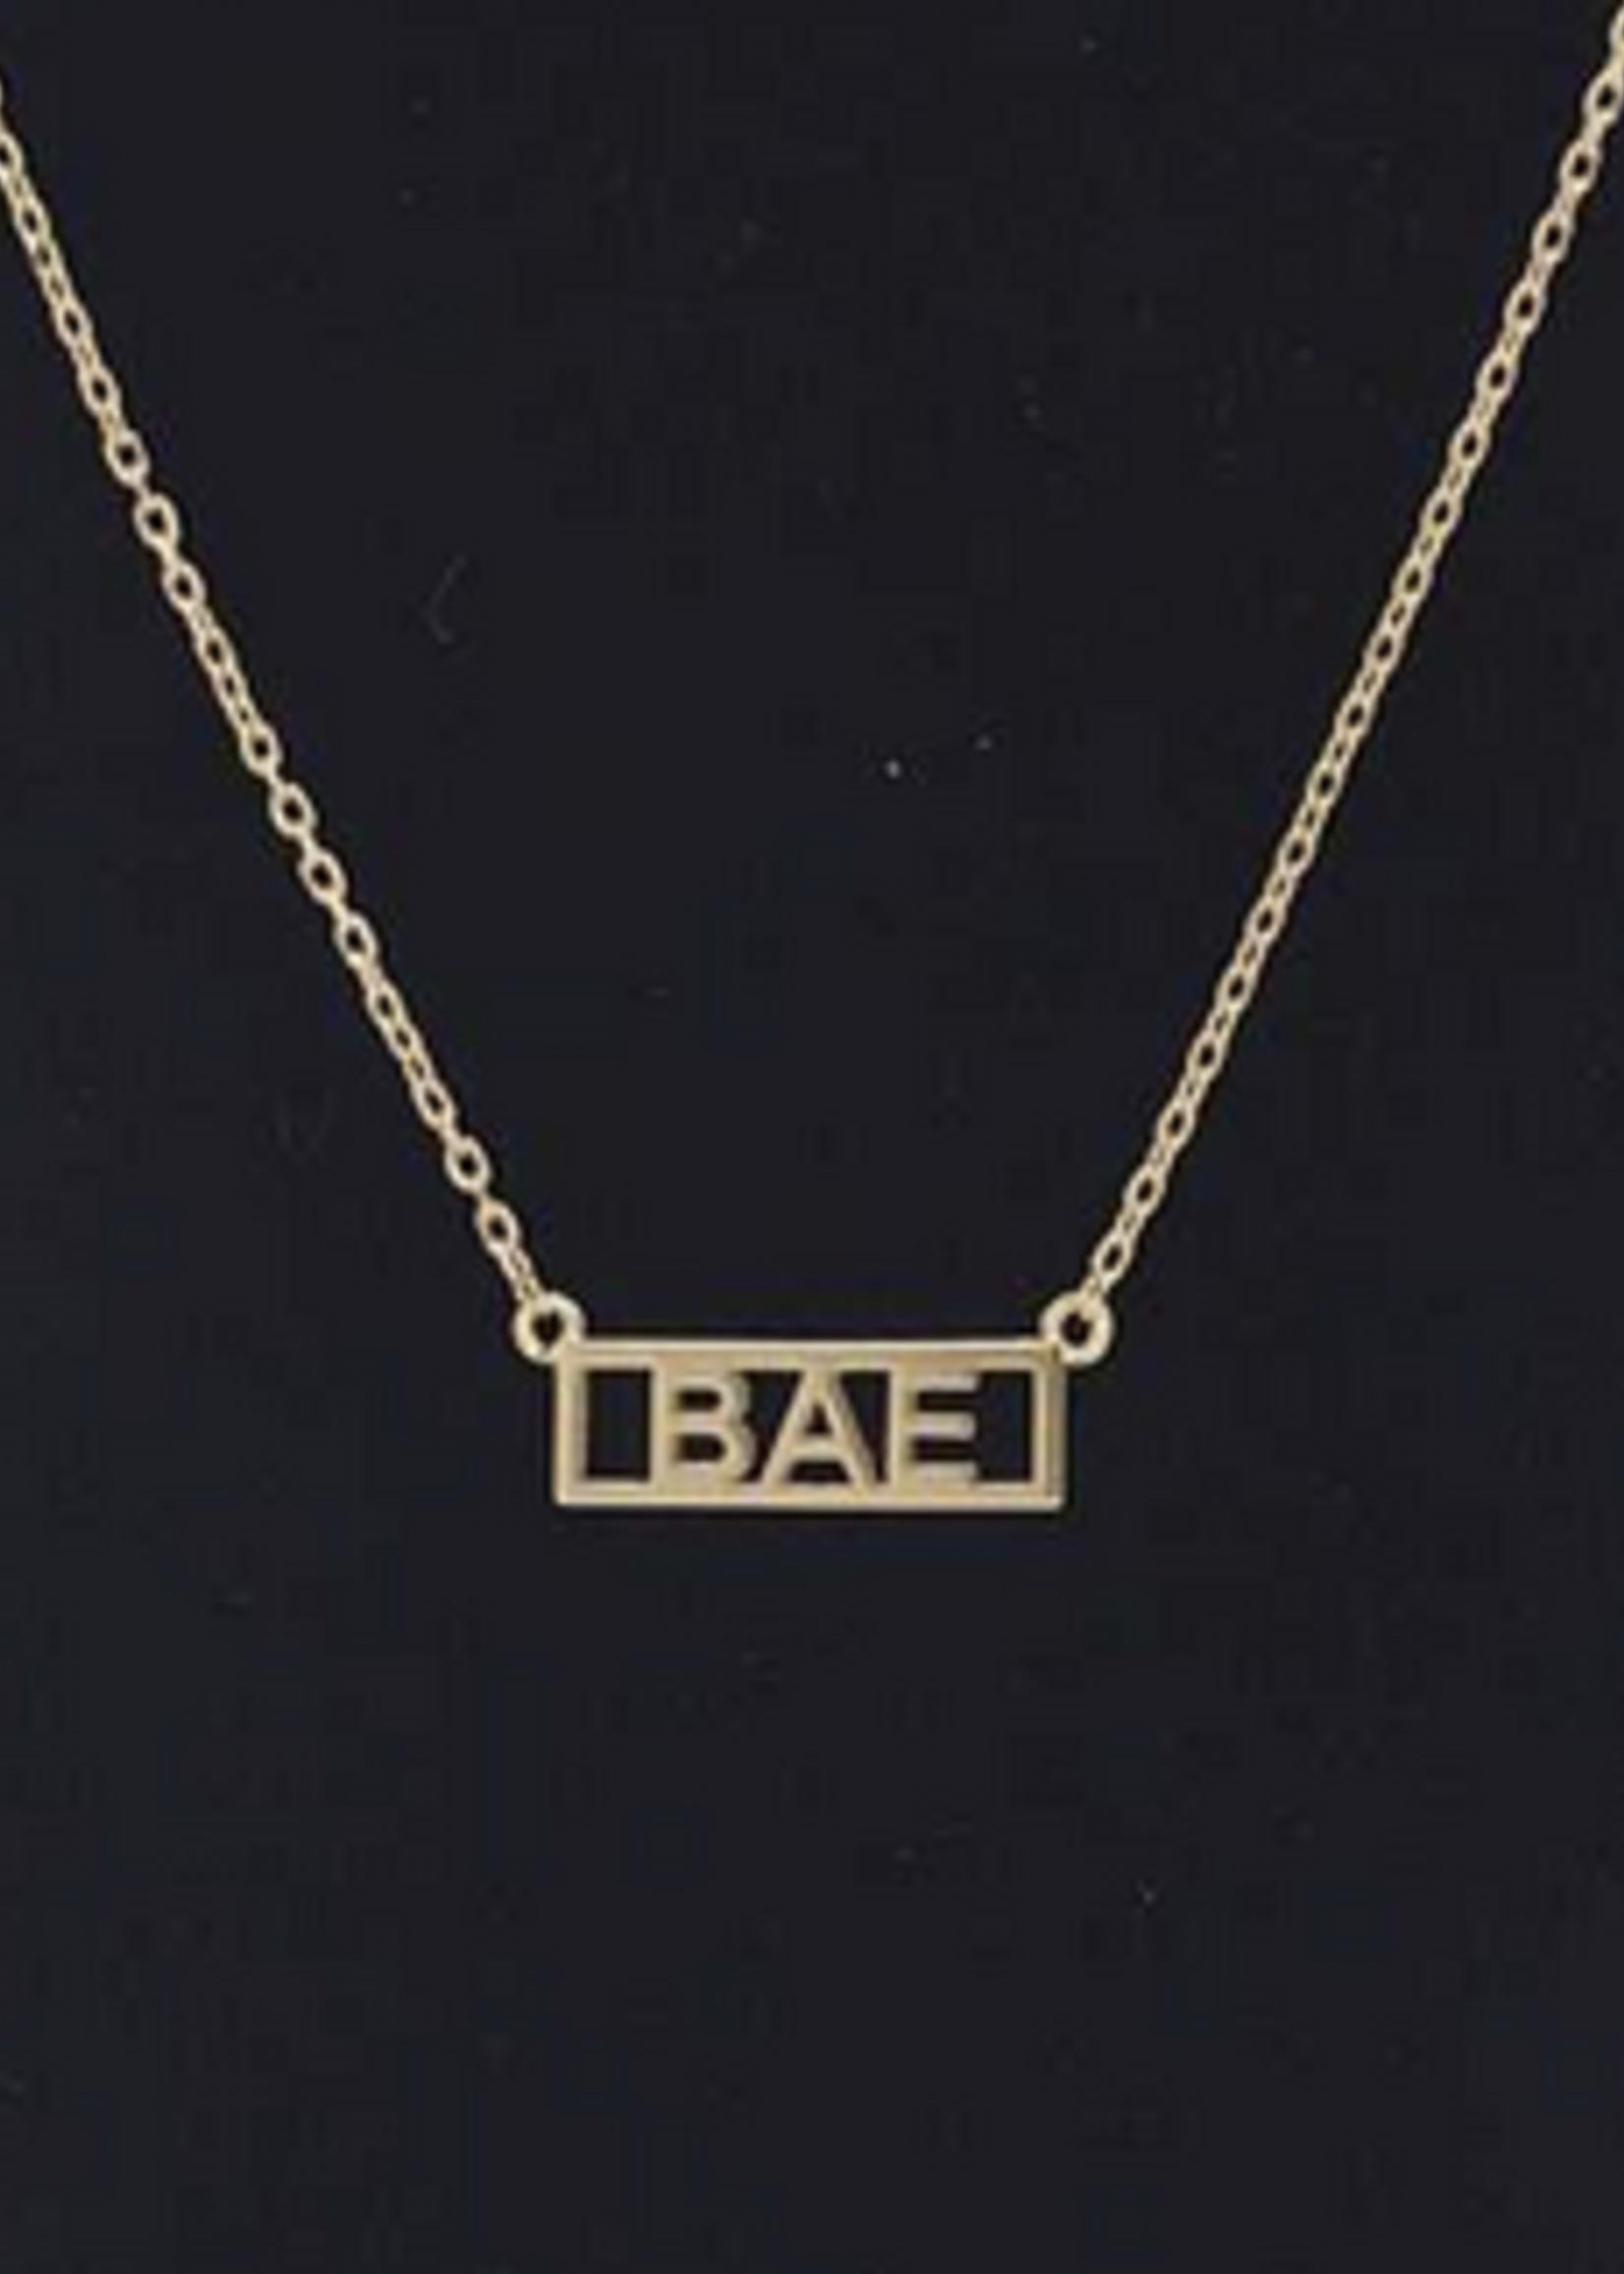 bae necklace